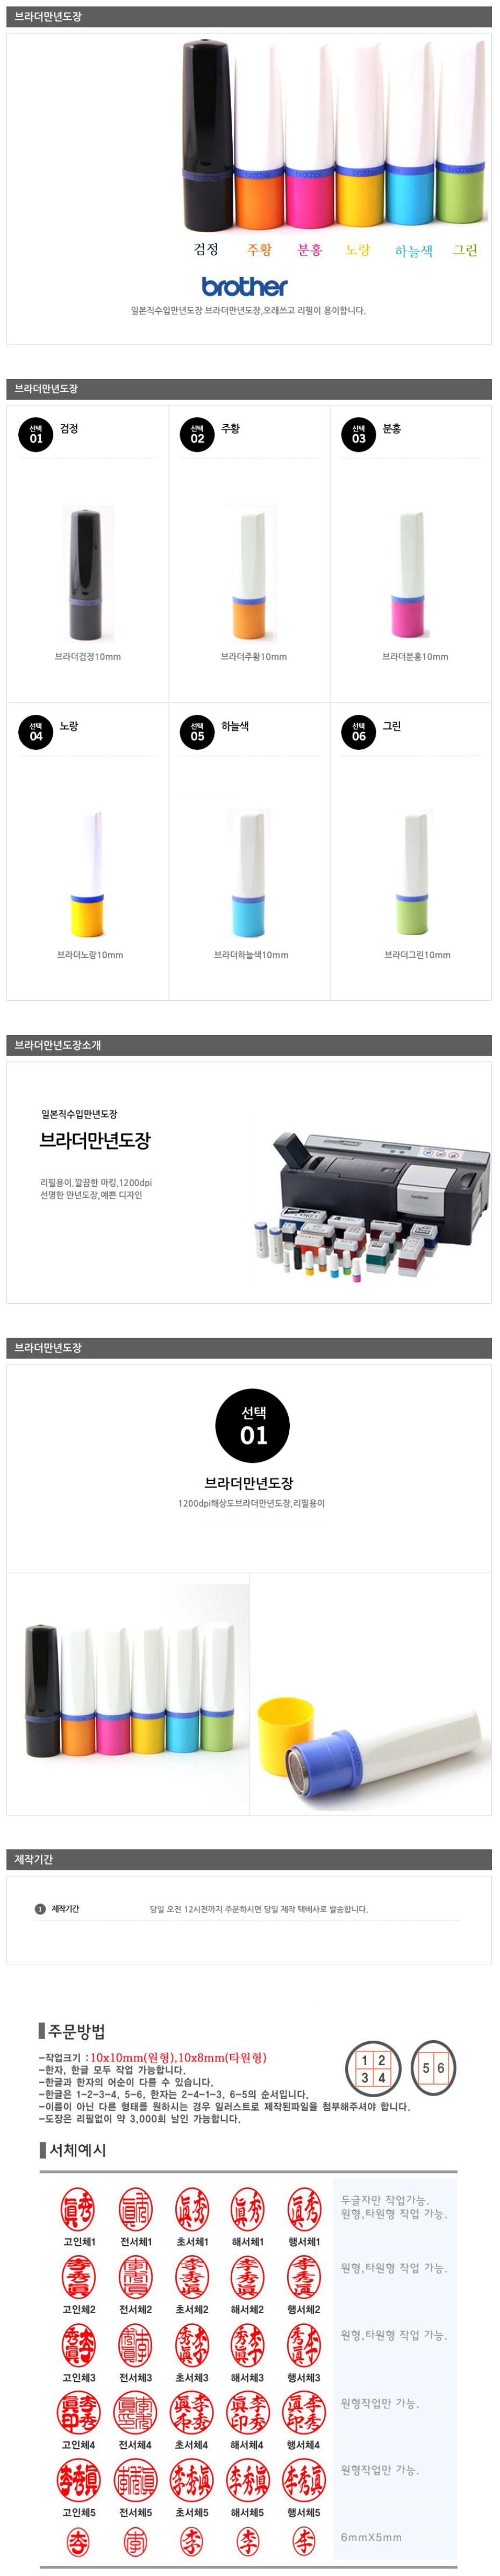 브라더만년도장(6종) - 이름새김도장, 25,000원, 스탬프, 주문제작스탬프